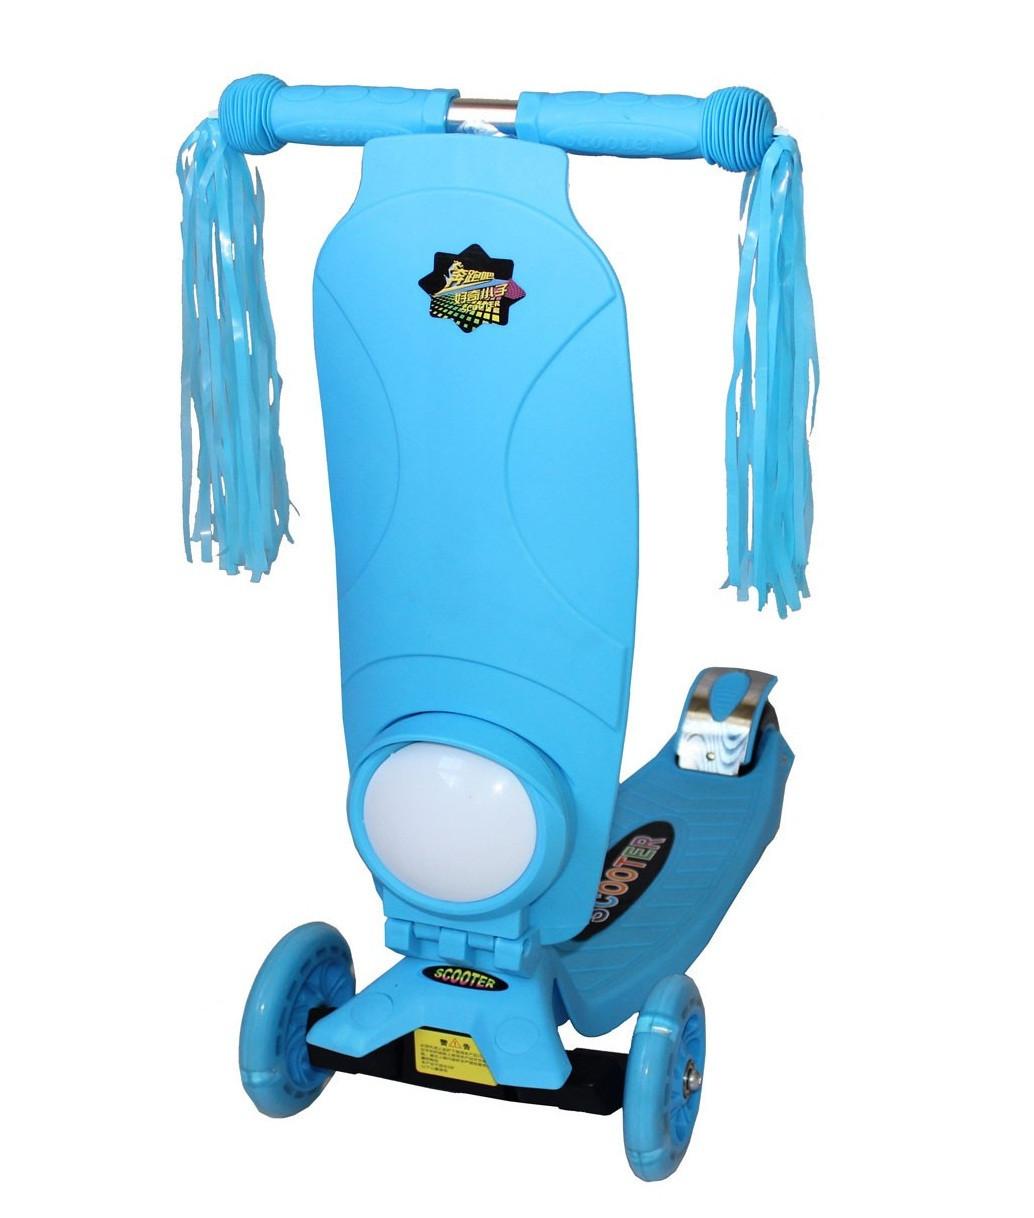 Трехколесный самокат Scooter Maxi music, +фонарик, место для рюкзака, колеса светятся, разн. цвета.